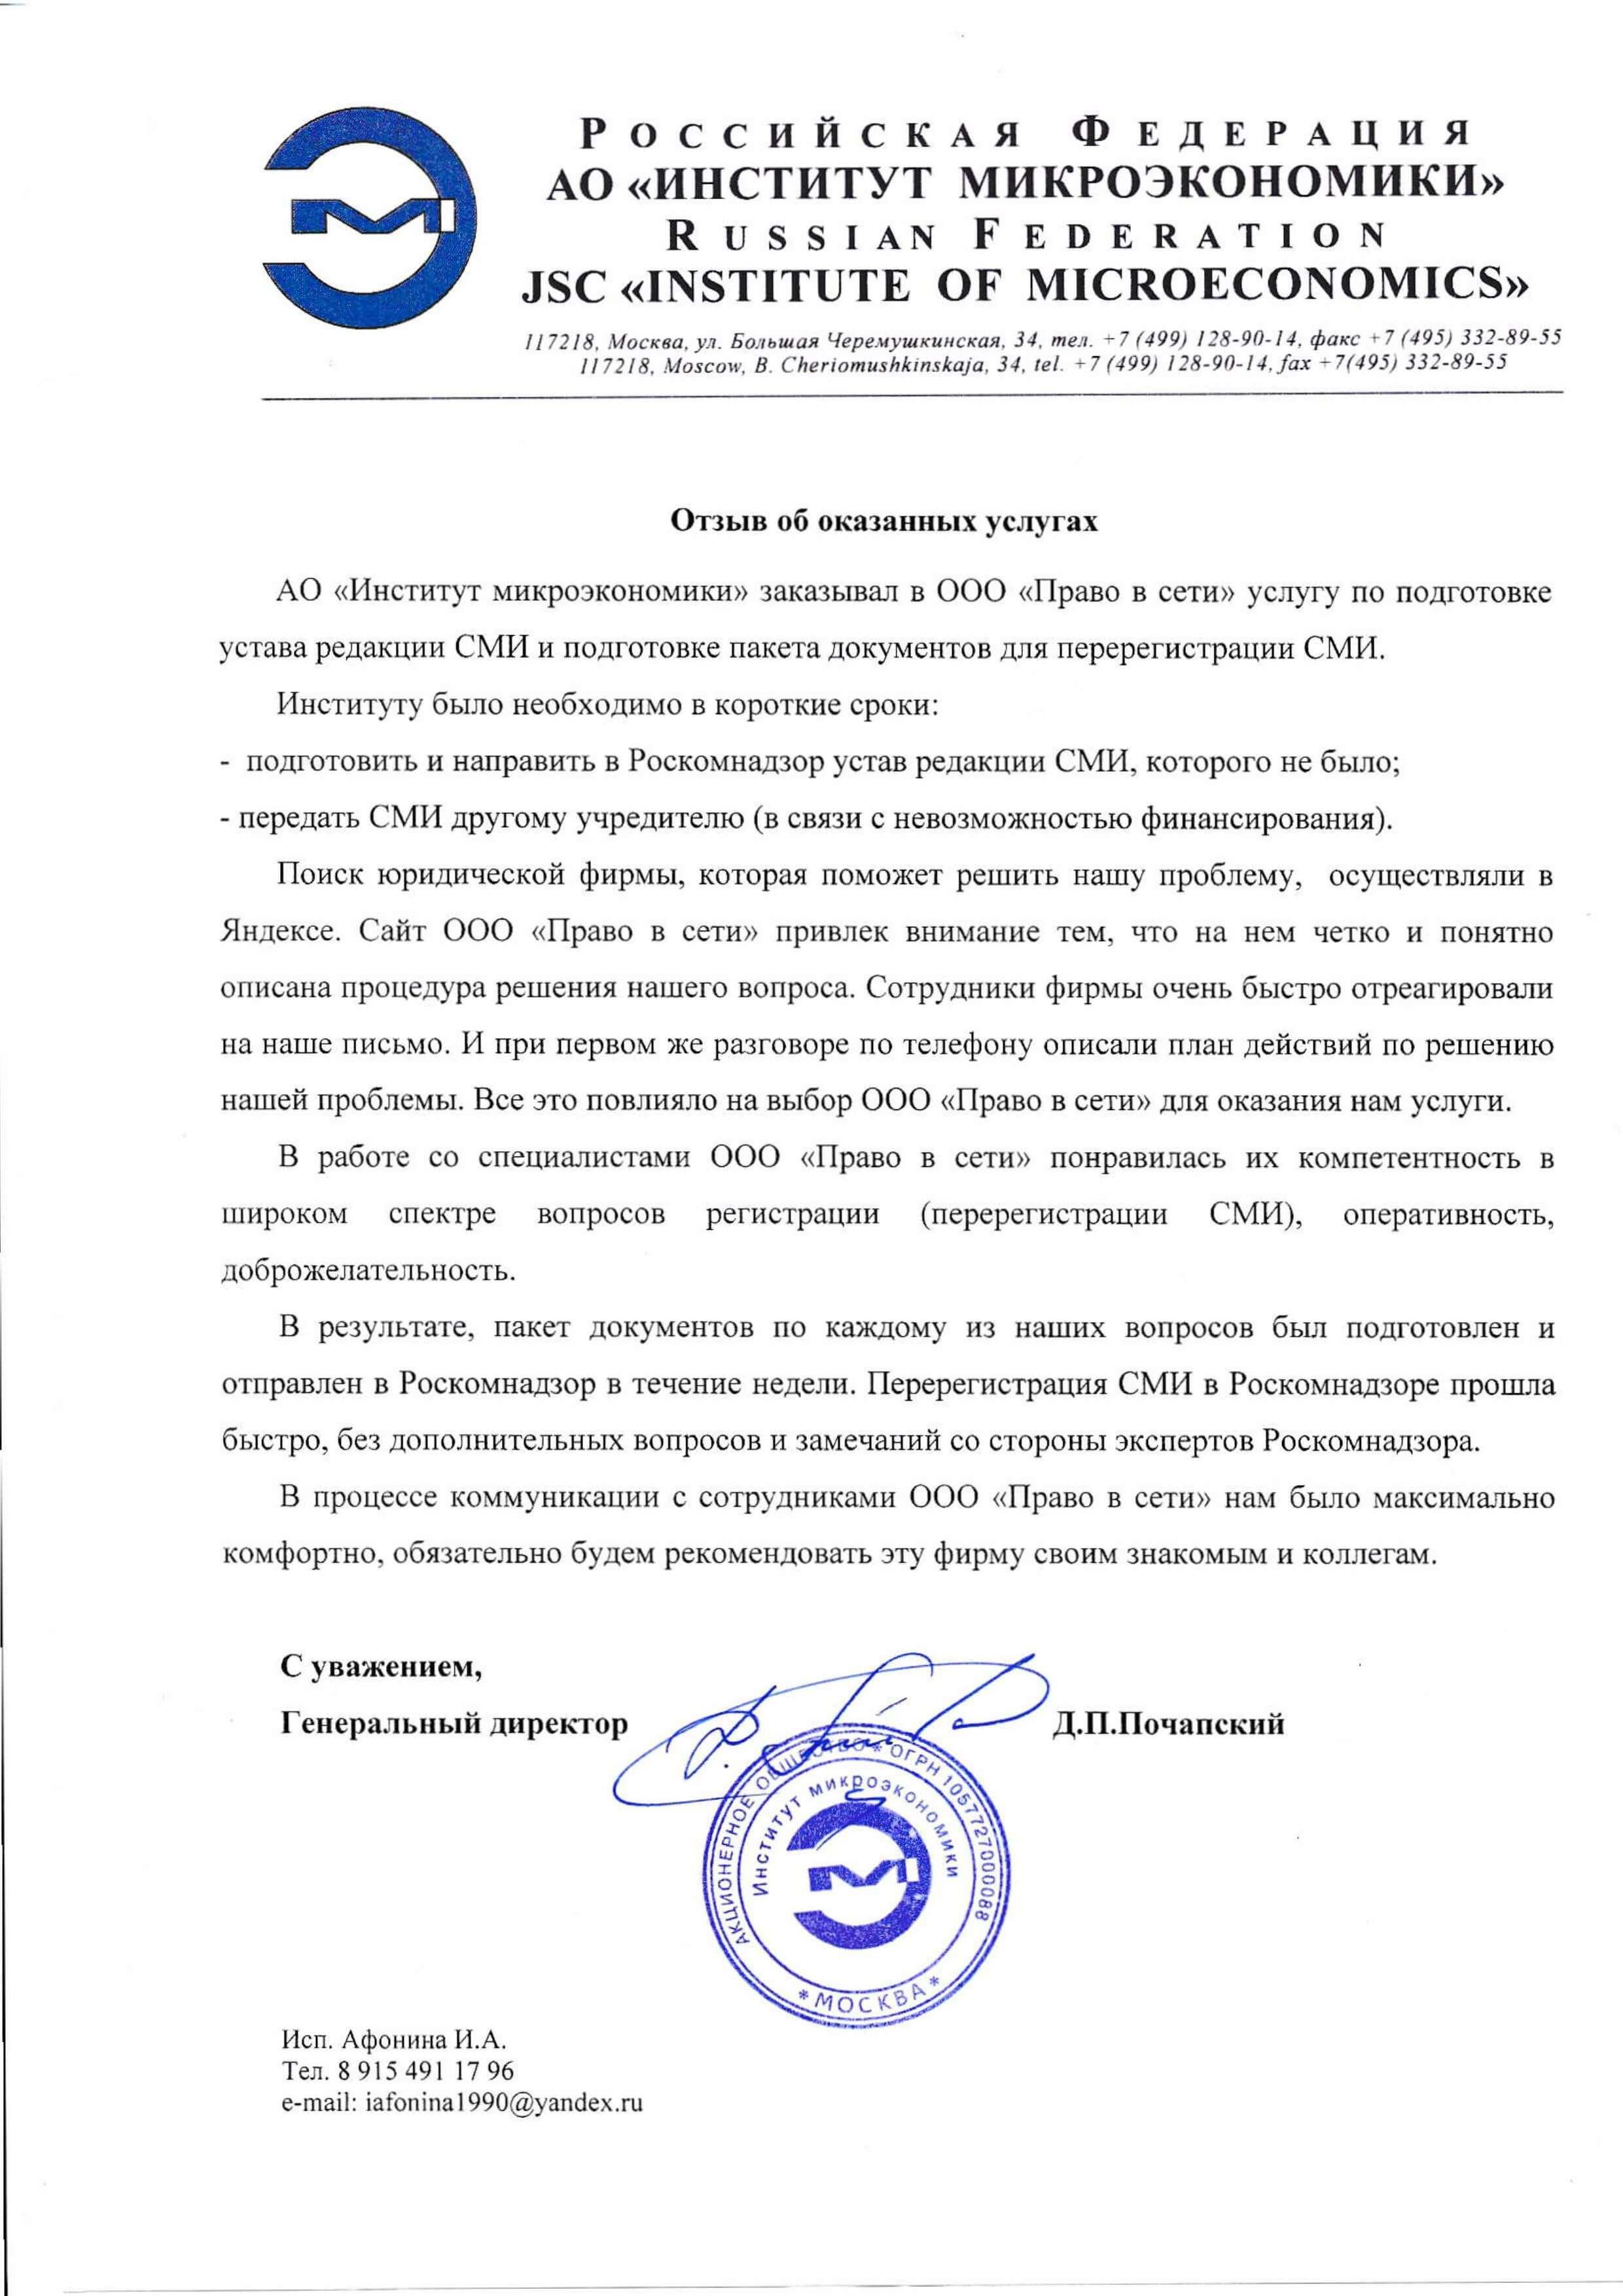 Отзыв по подготовке устава редакции СМИ и пакета документов по перерегистрации СМИ